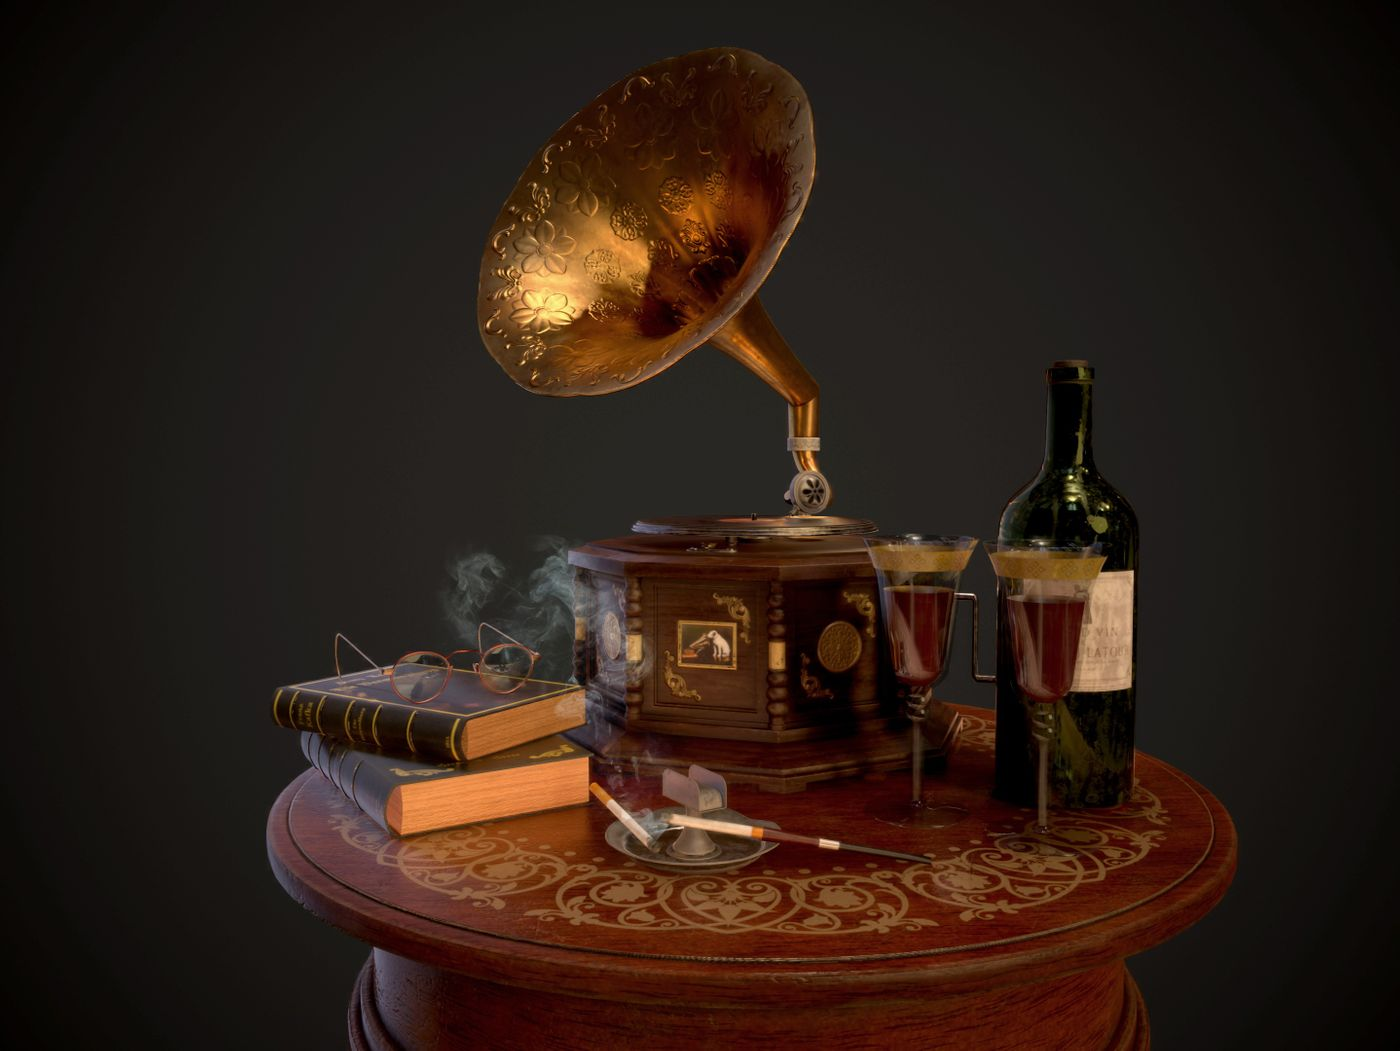 Old Gramophone Scene